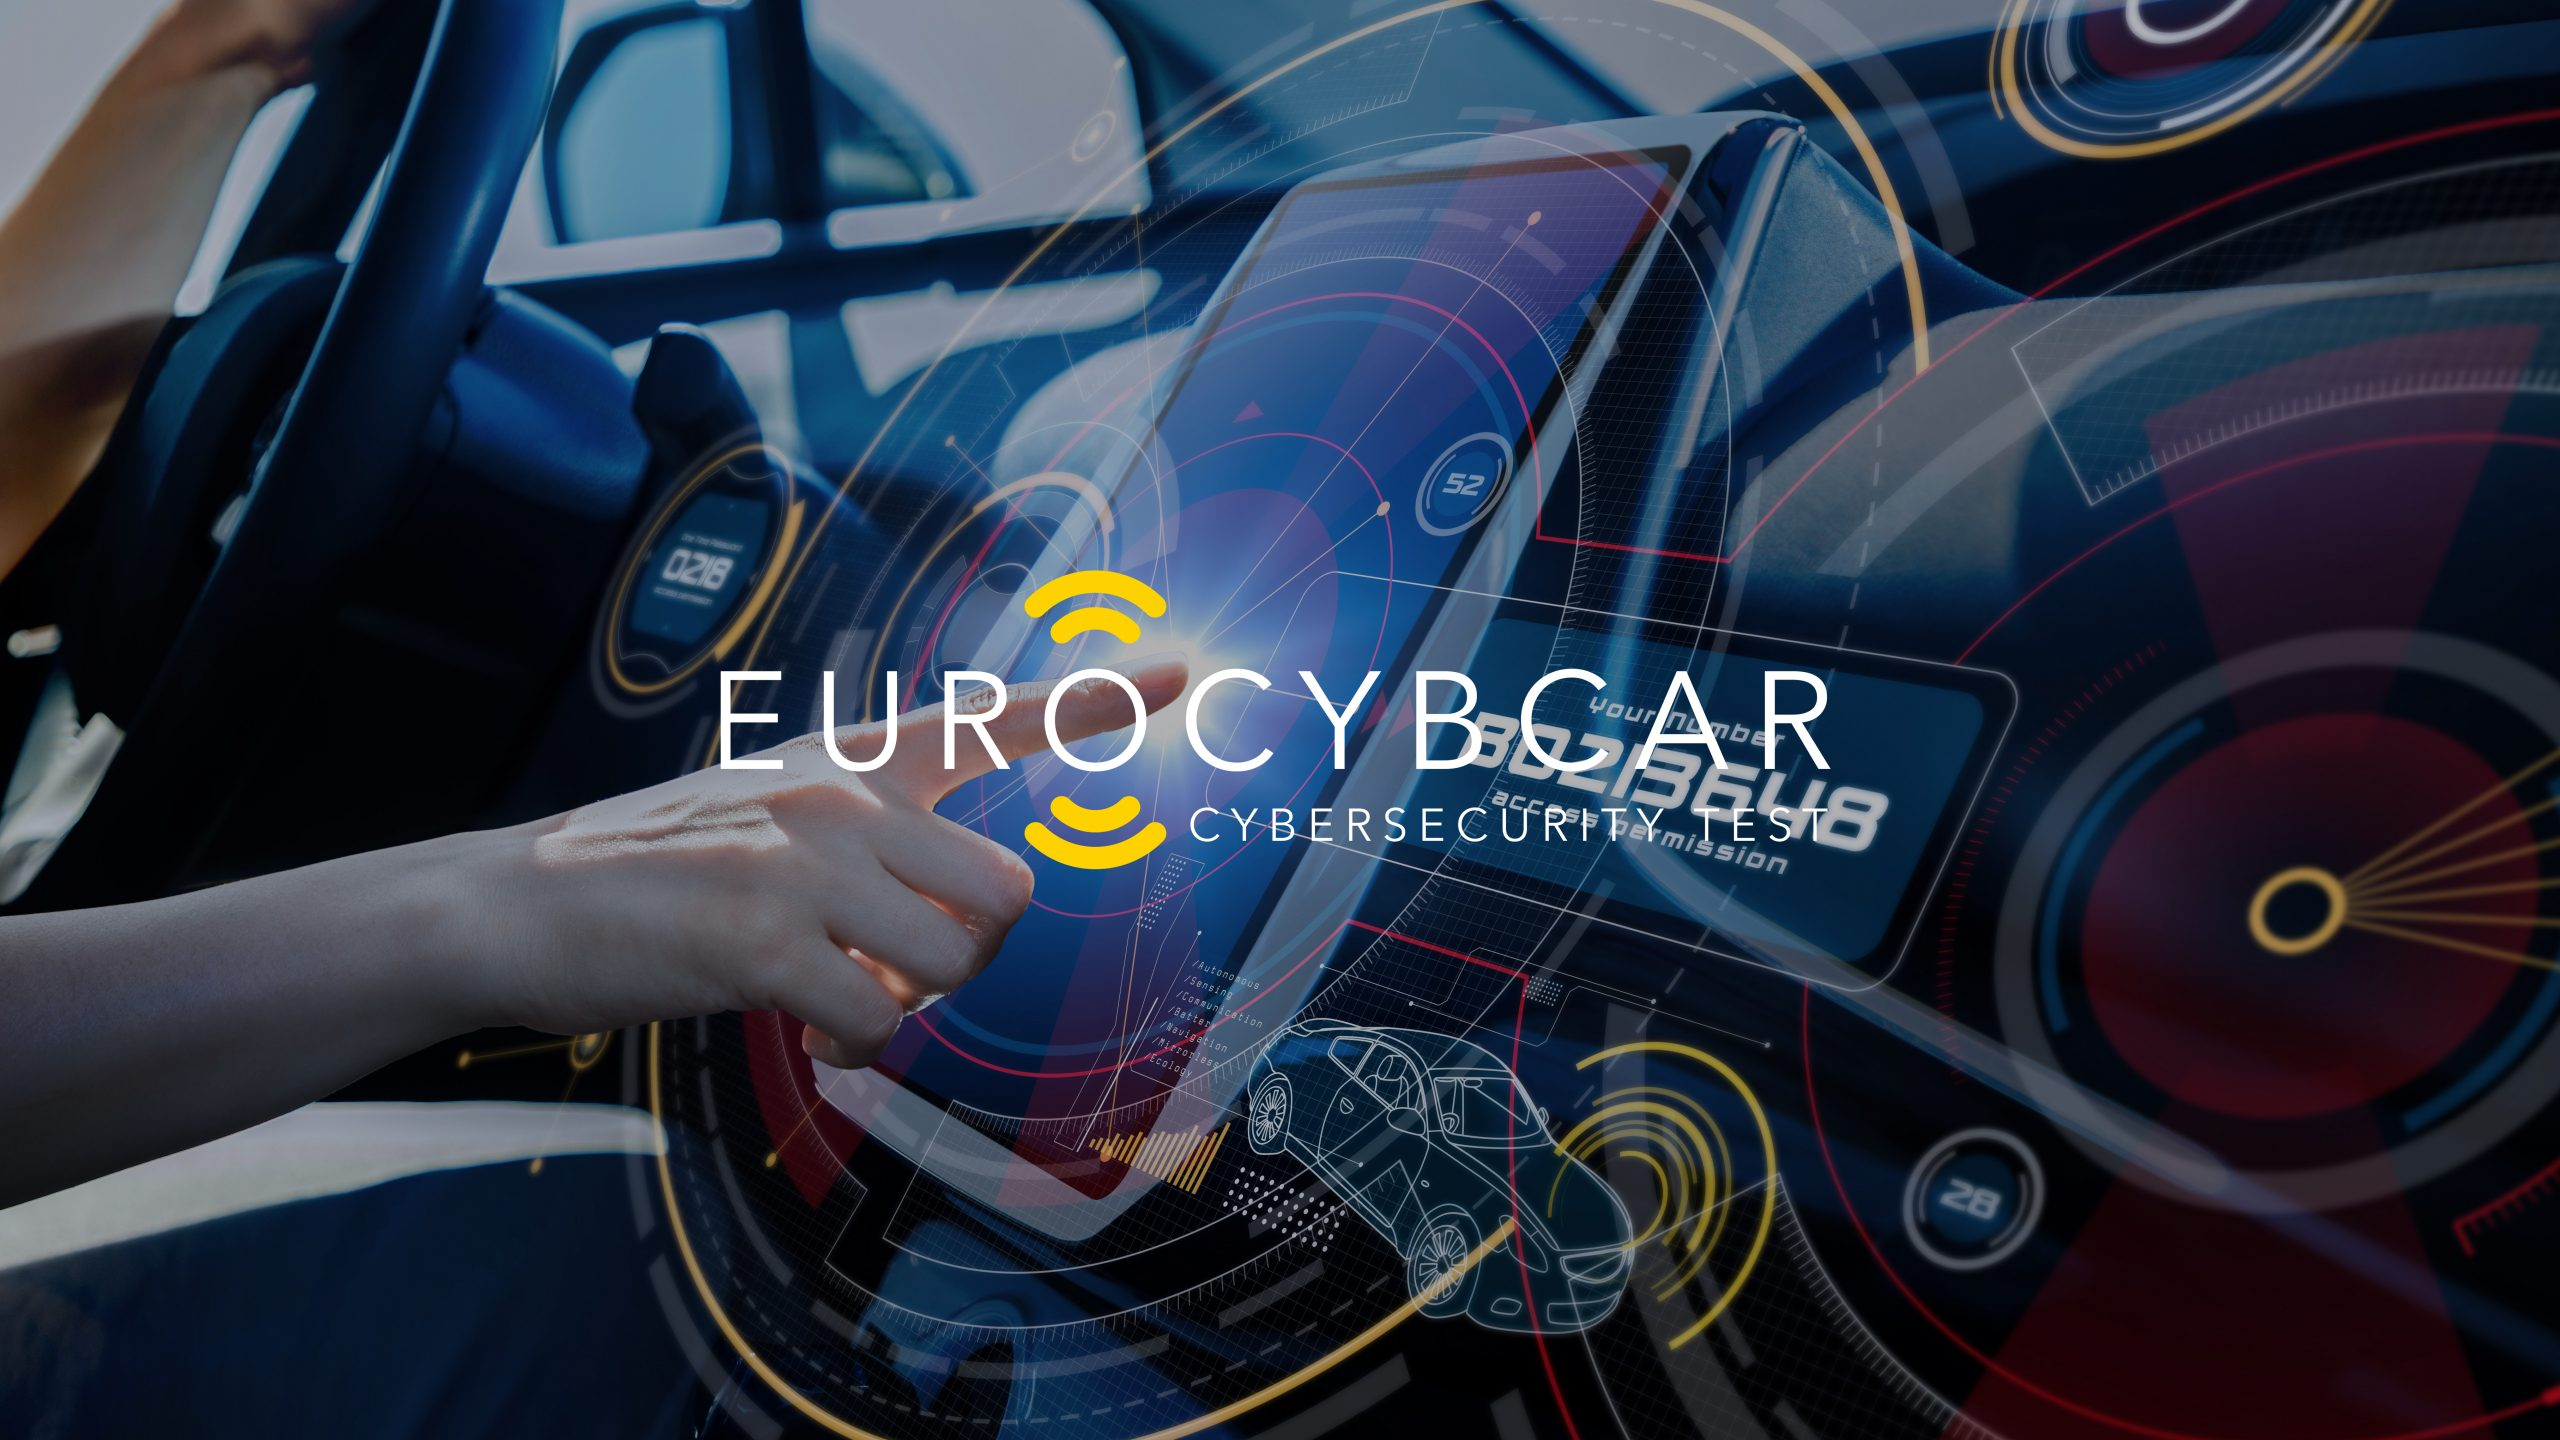 Imagen logotipo de EUROCYBCAR